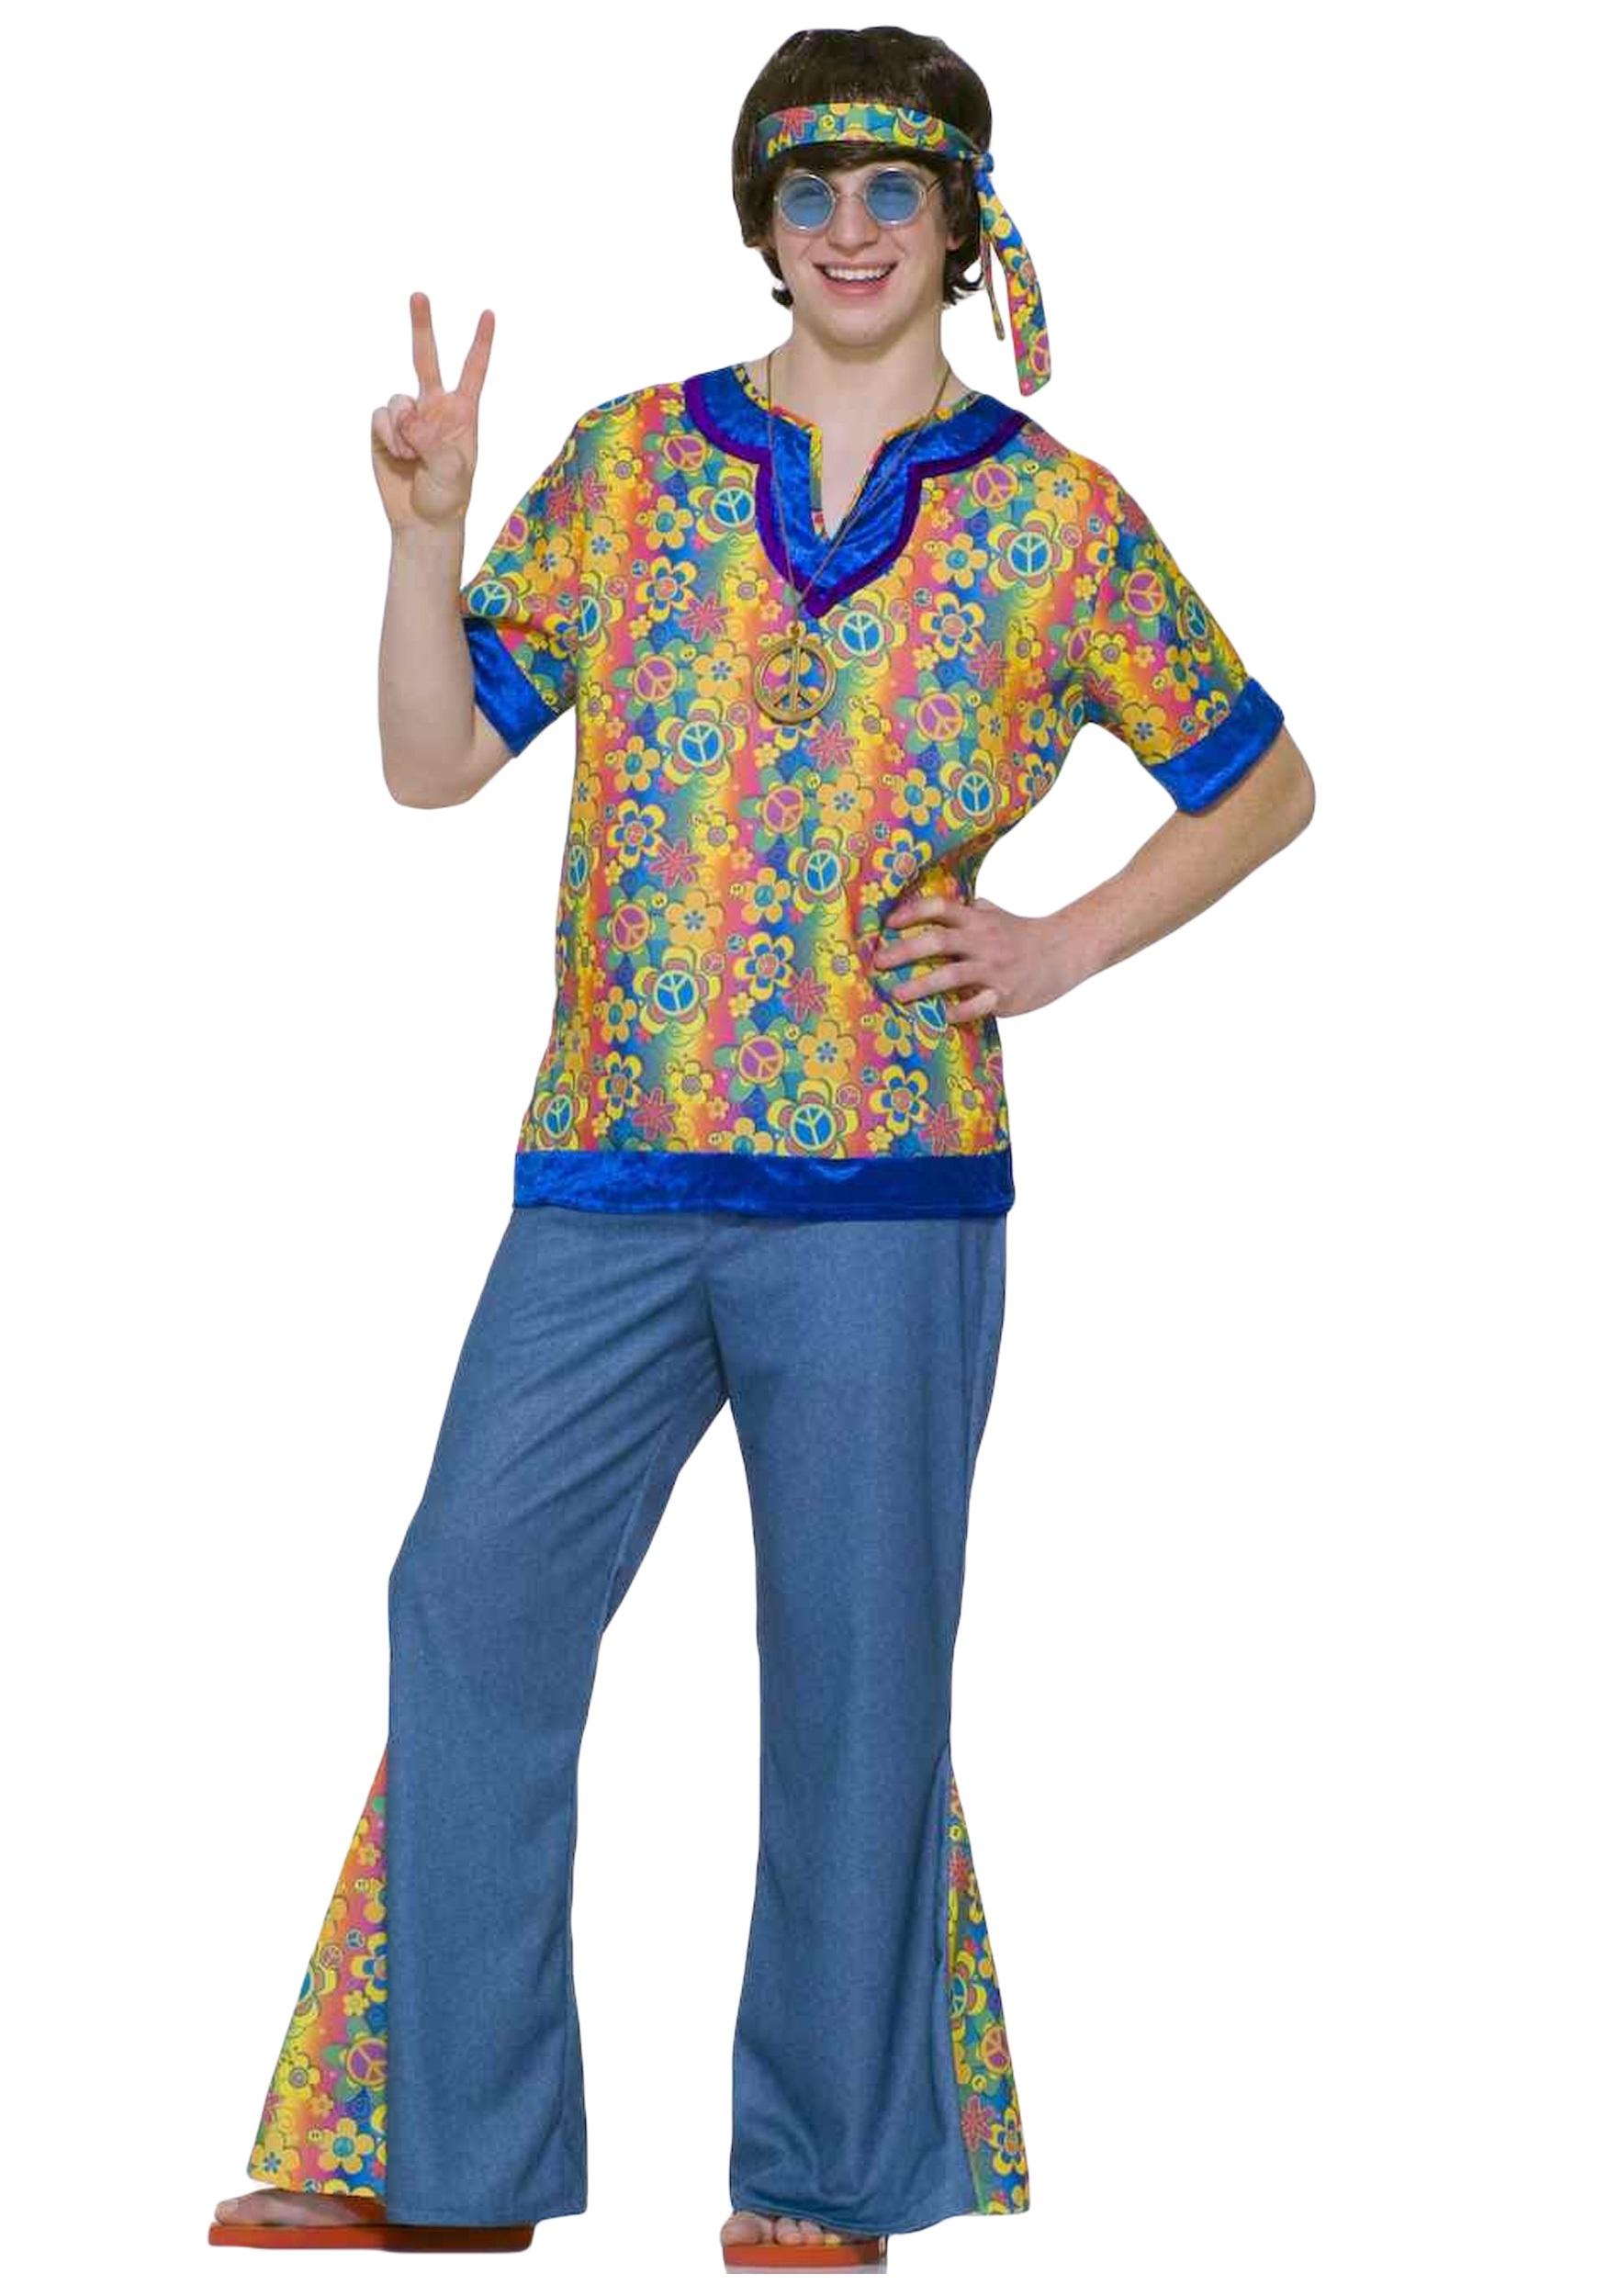 Teen 60s Hippie Costume  sc 1 st  Halloween Costumes & Teen 60s Hippie Costume - Halloween Costumes